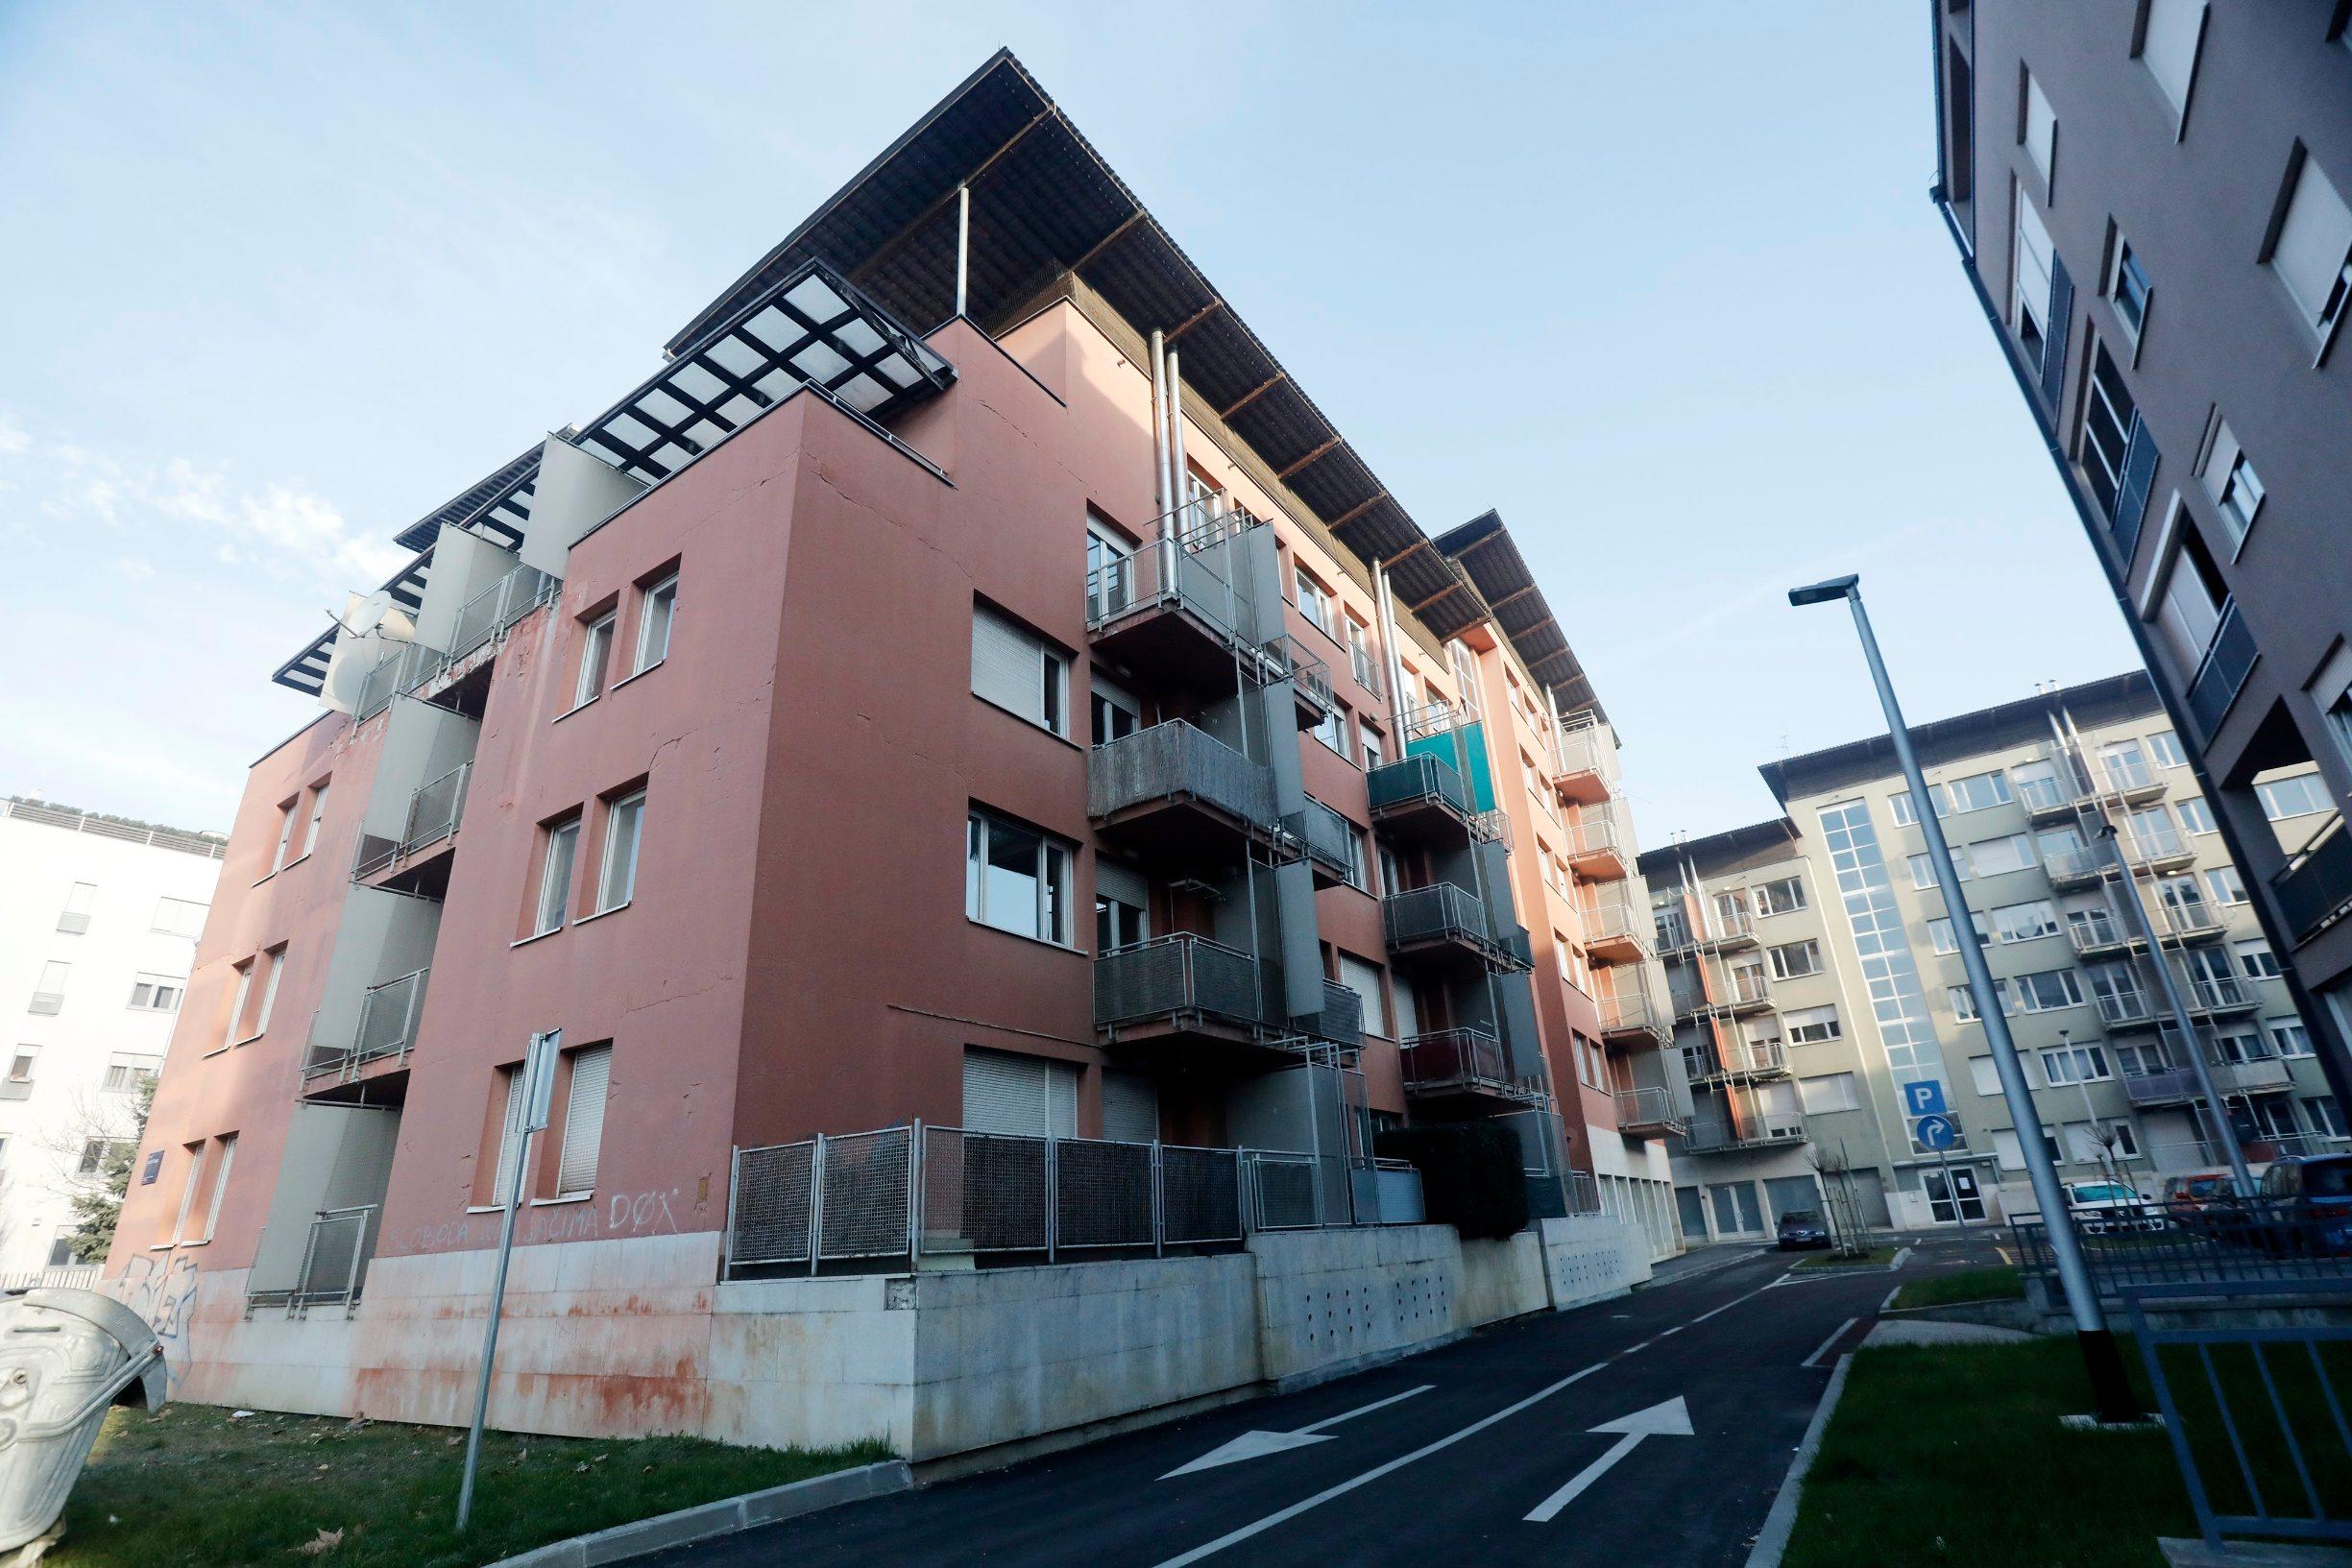 Ilustracija: Stambena zgrada u zagrebačkom naselju